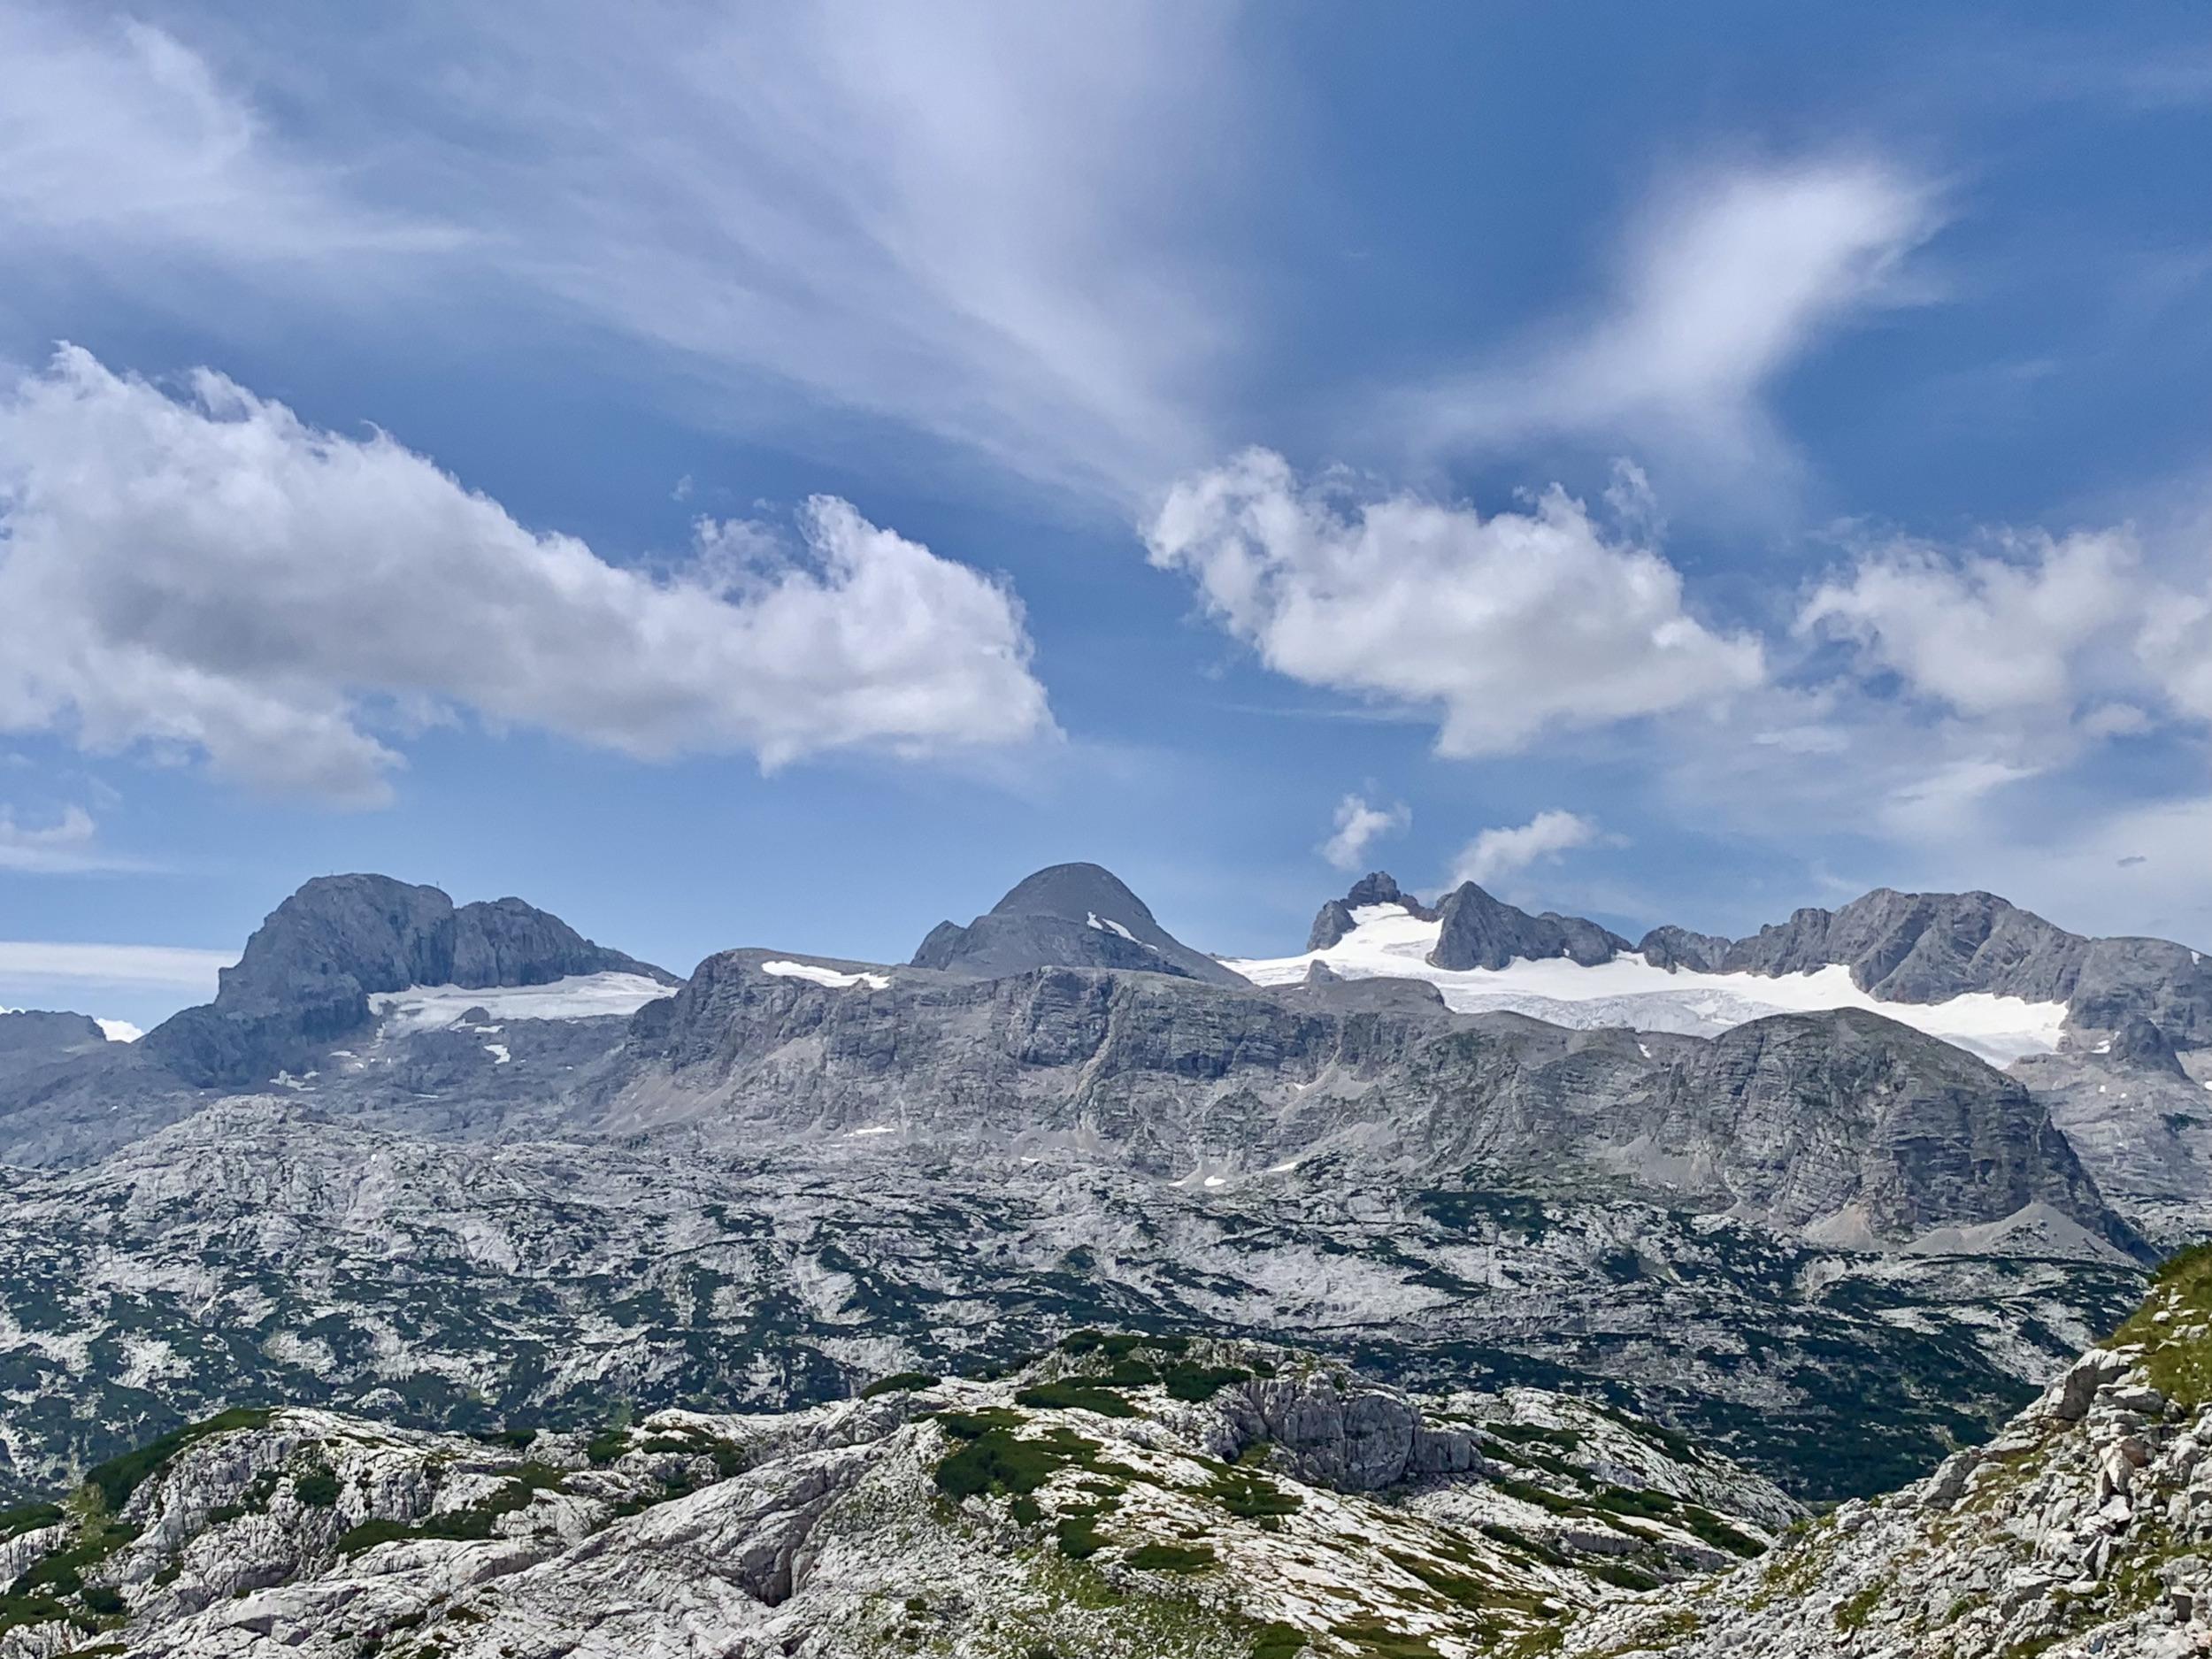 Dachstein with Hallstatt Glacier